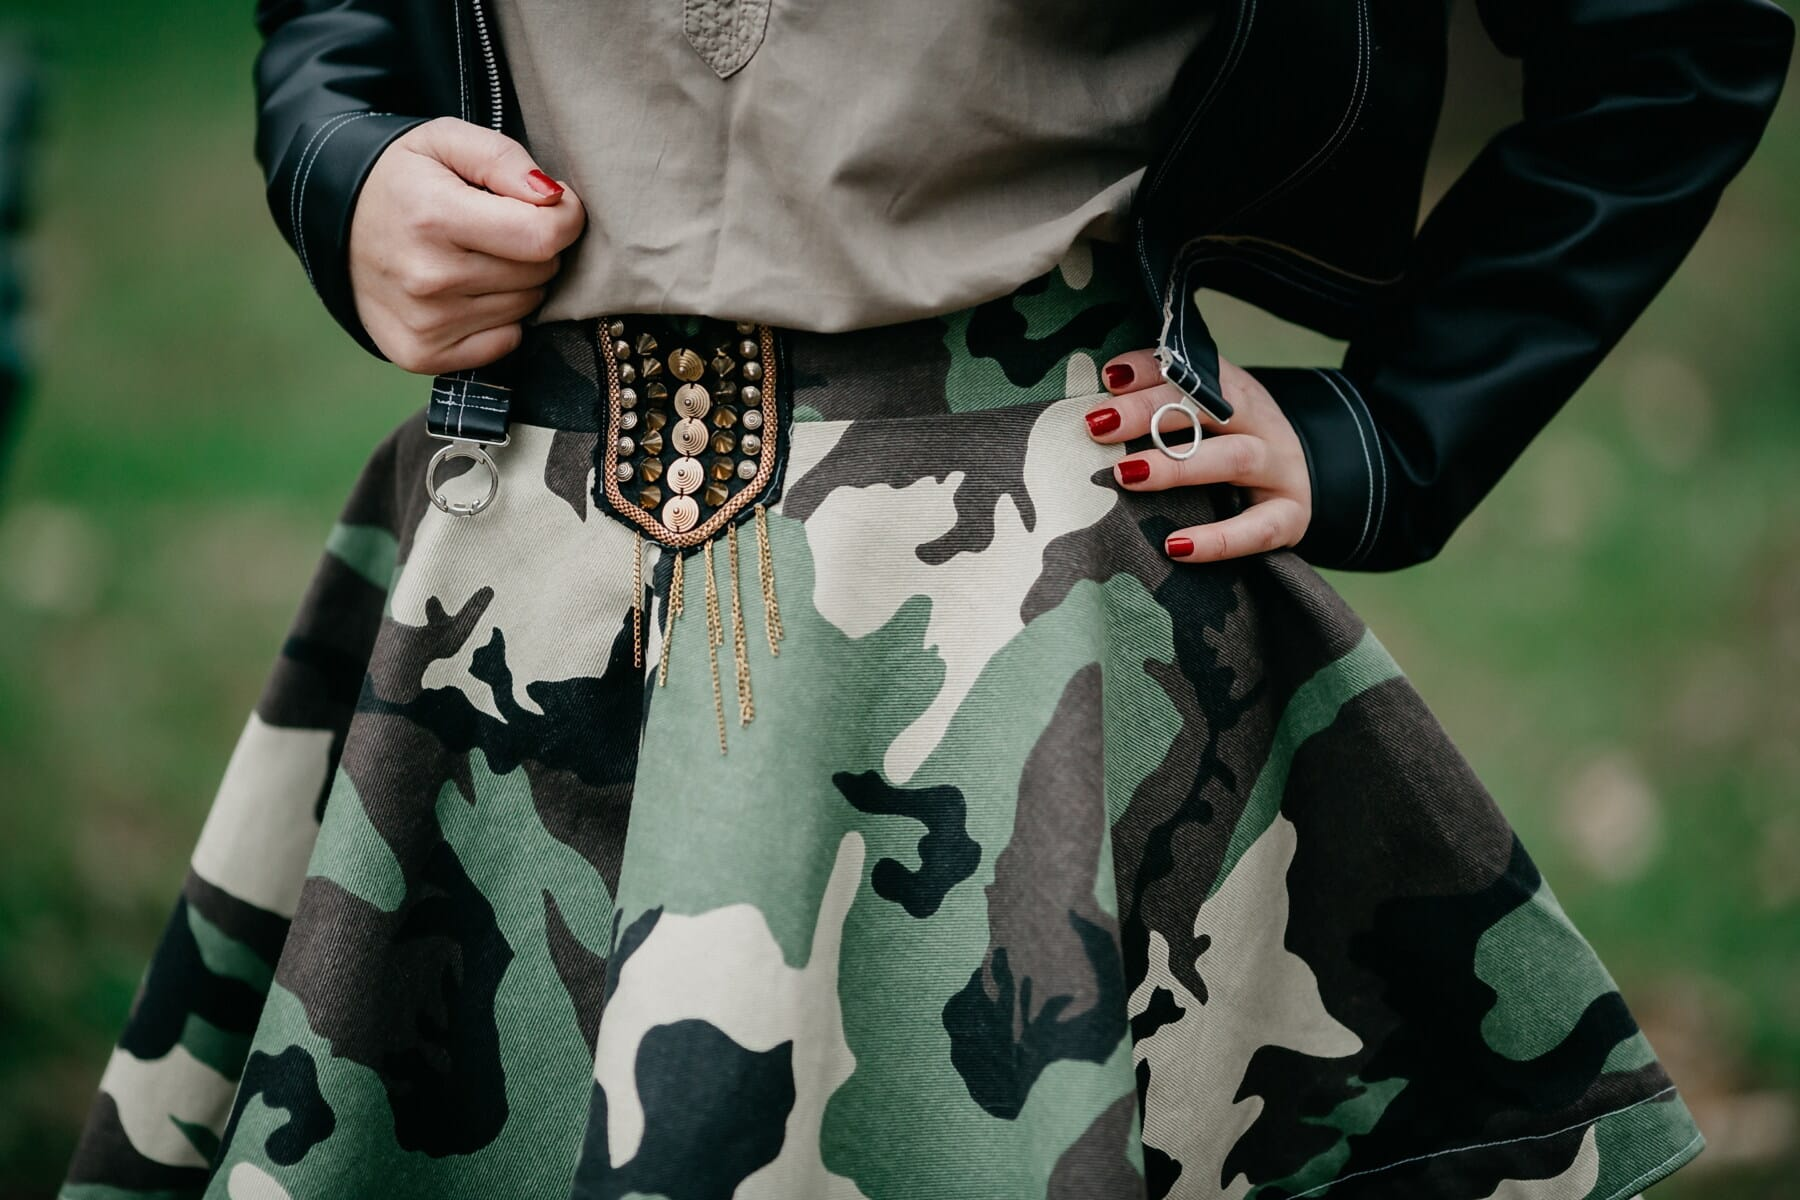 迷彩, 軍事, ファッション, 制服, スカート, 女性, デザイン, ジャケット, 革, 手